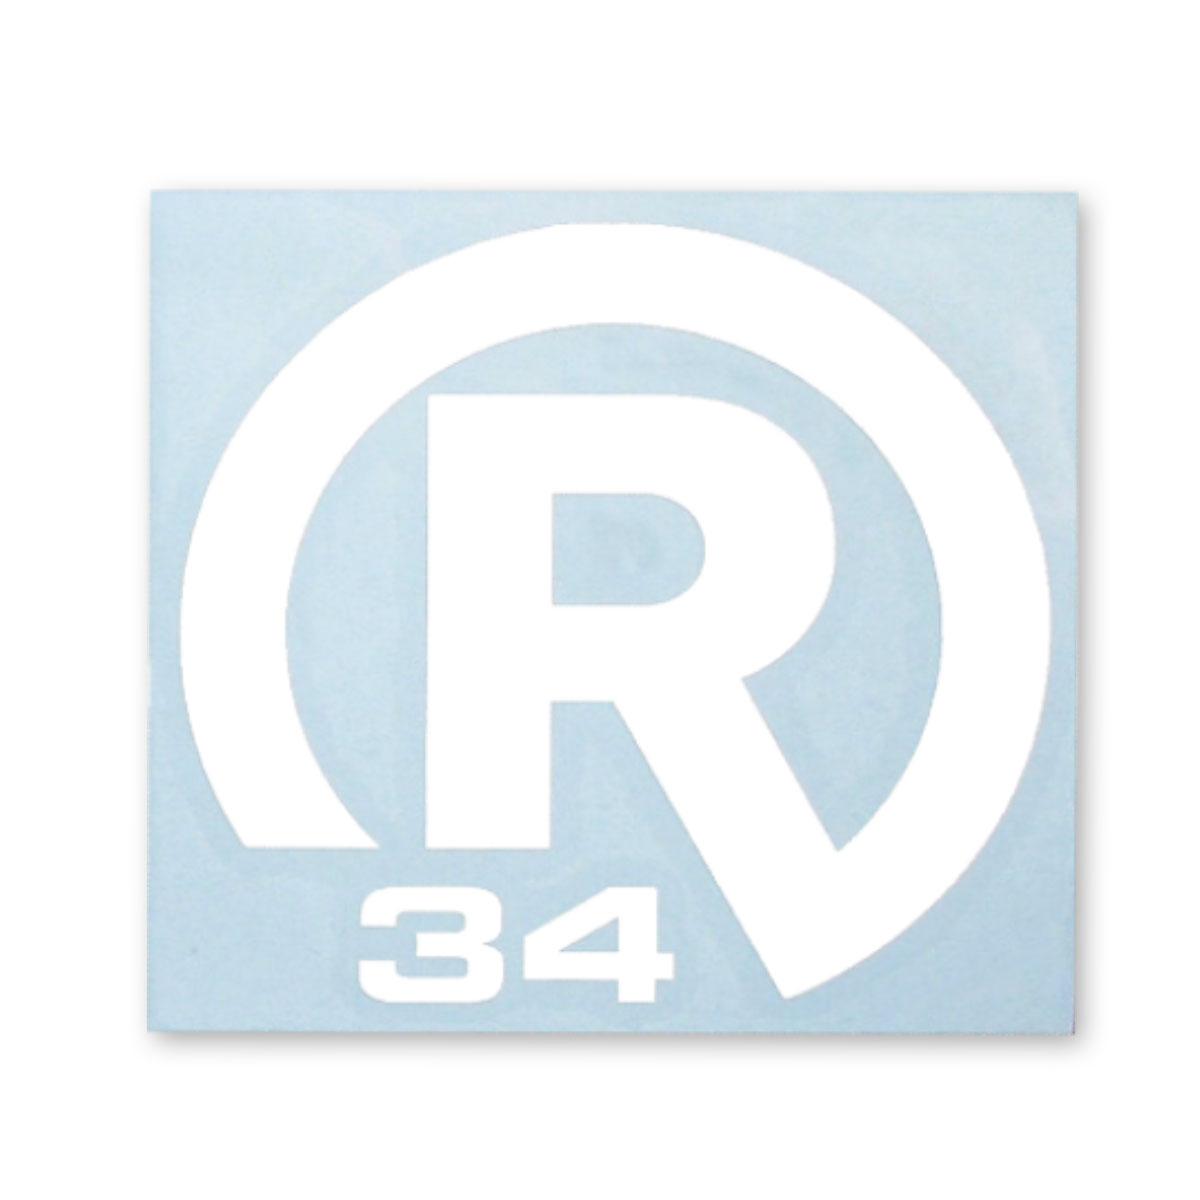 STICKER R34 Sサイズ